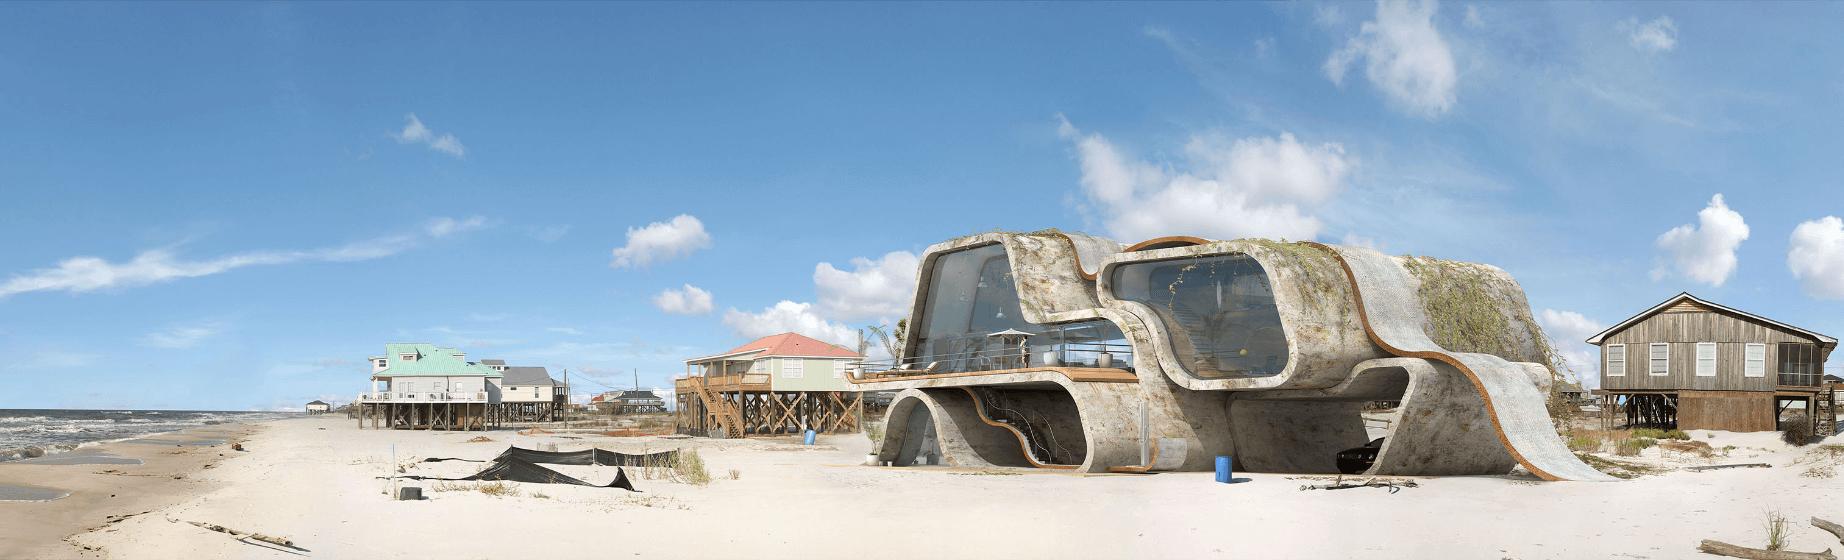 Progettare sulla spiaggia contro gli tsunami